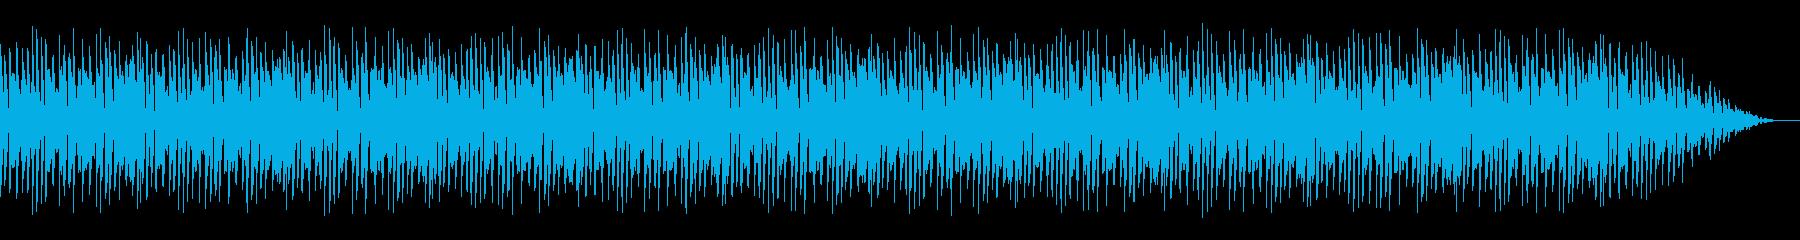 サチモスやジャミロクワイをイメージした曲の再生済みの波形